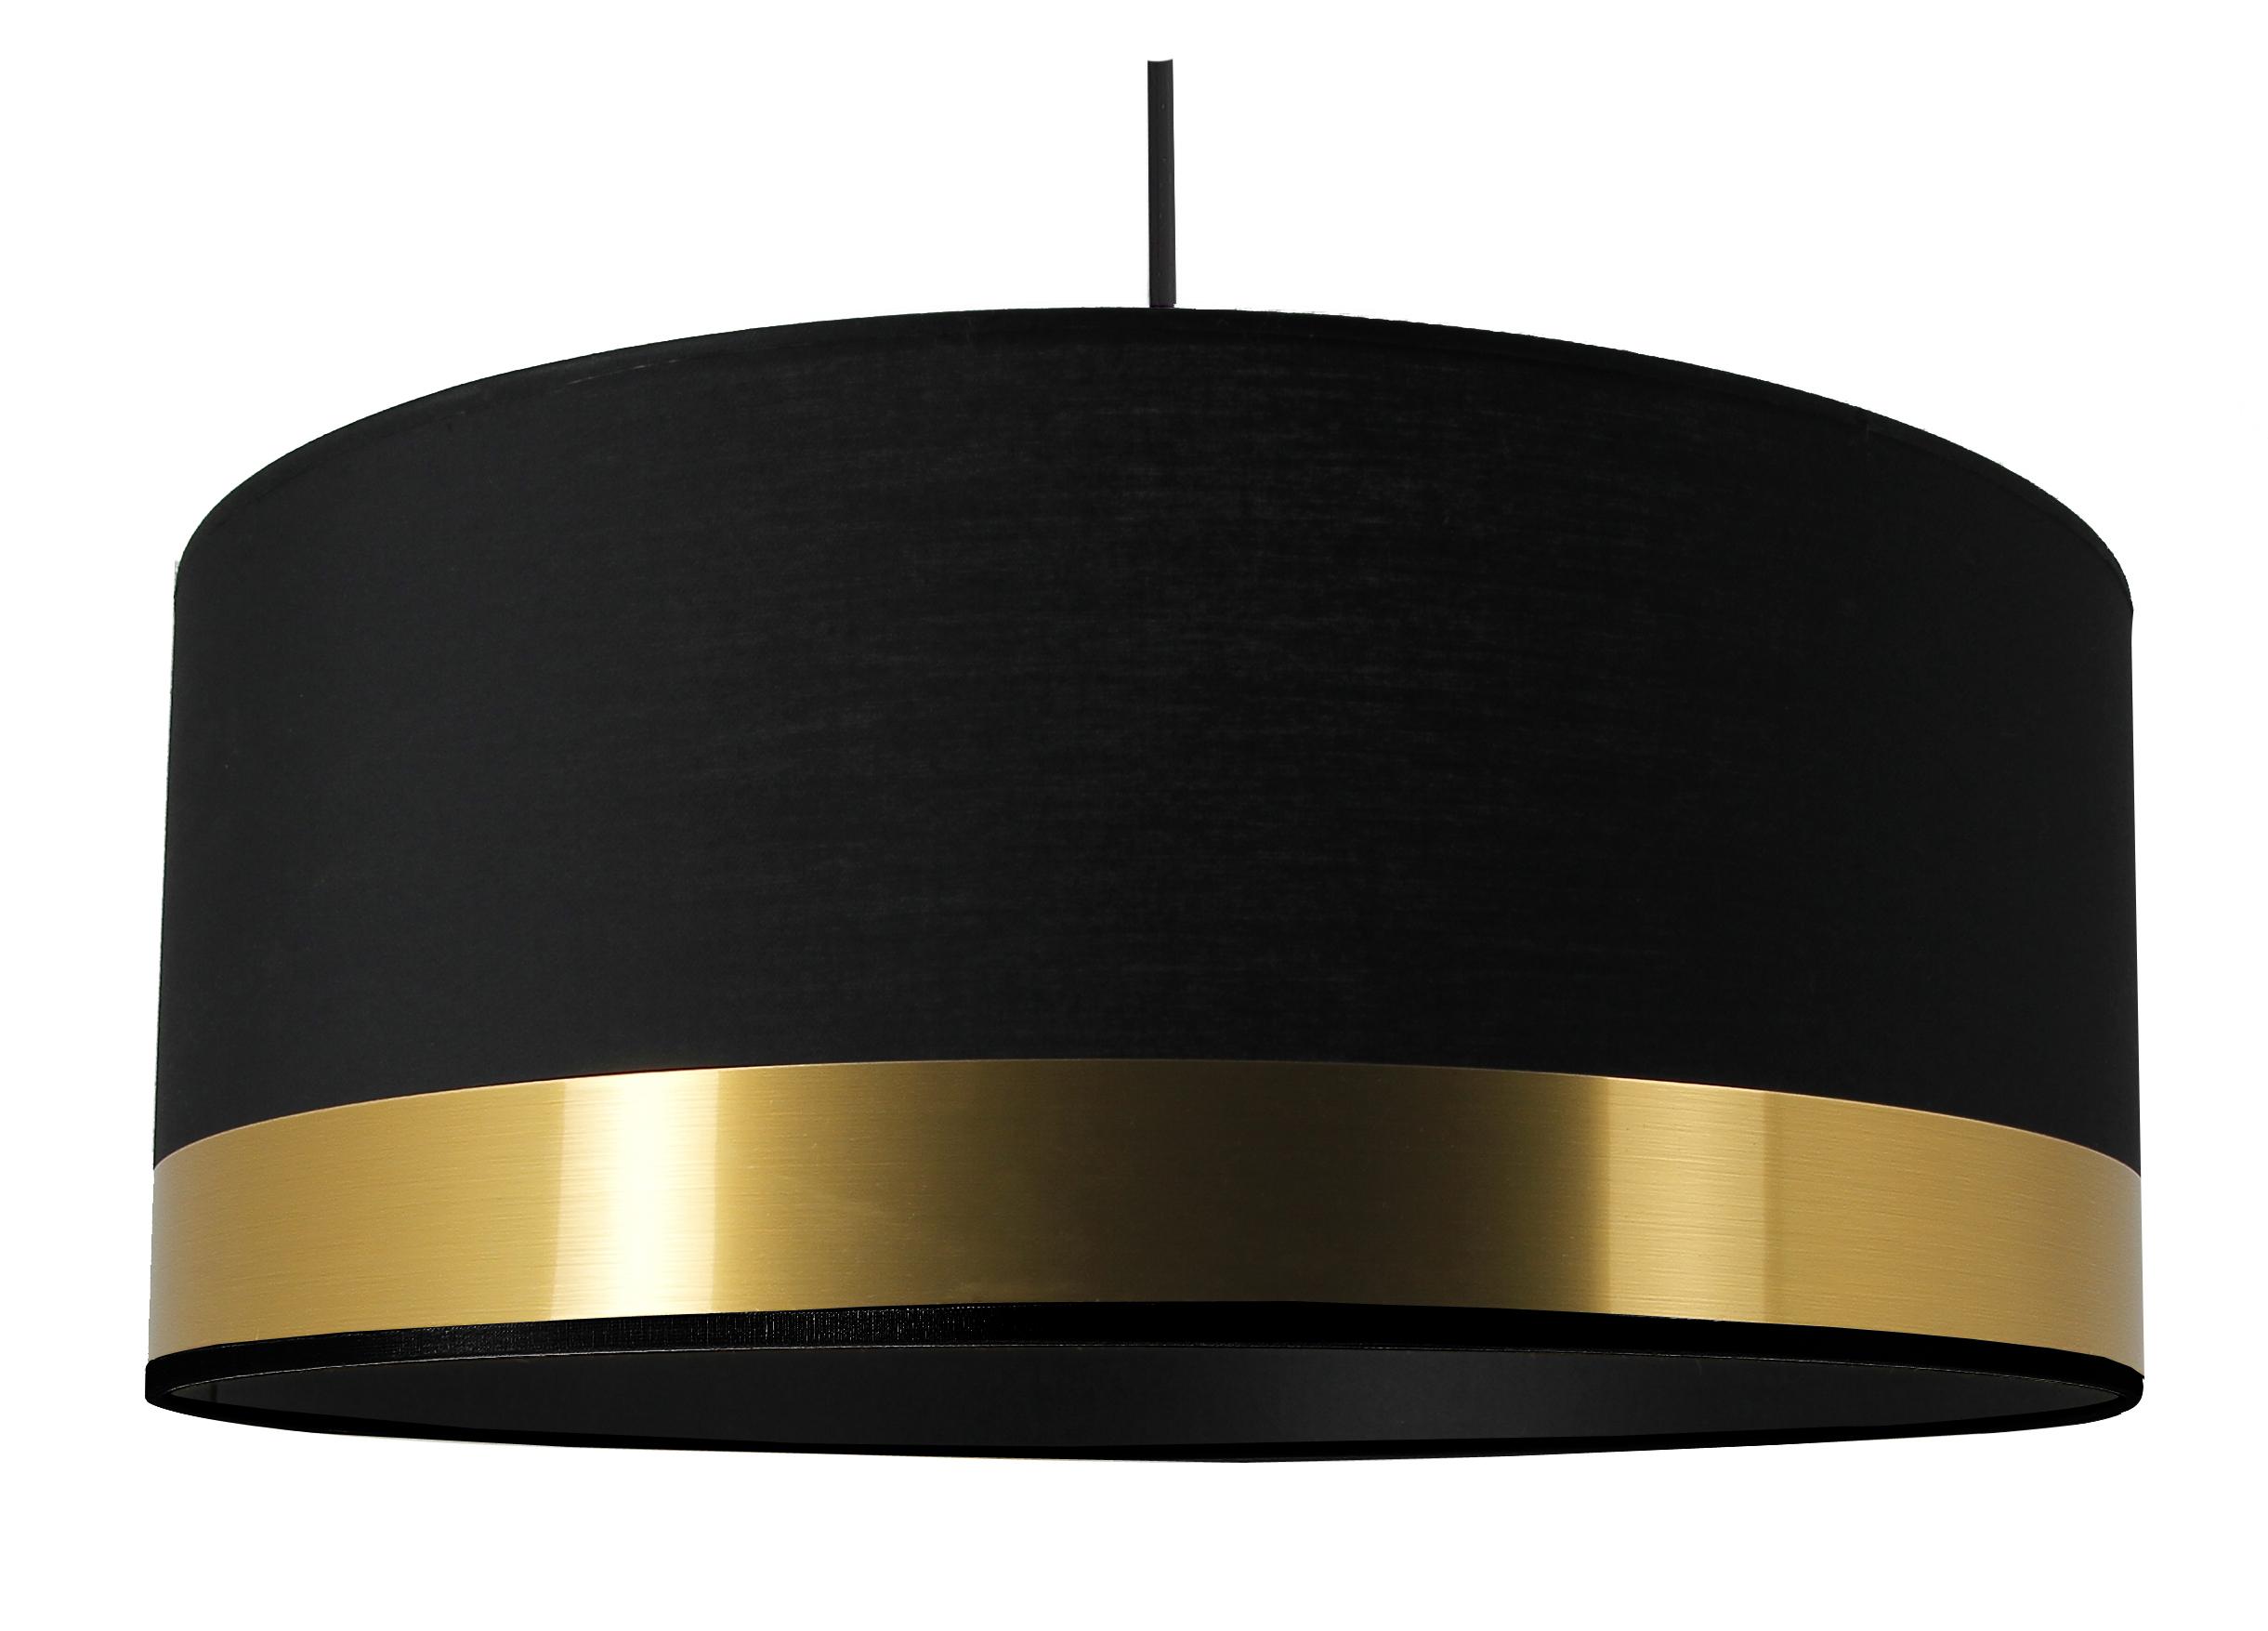 Suspension cylindre Laiton et noir grand modèle